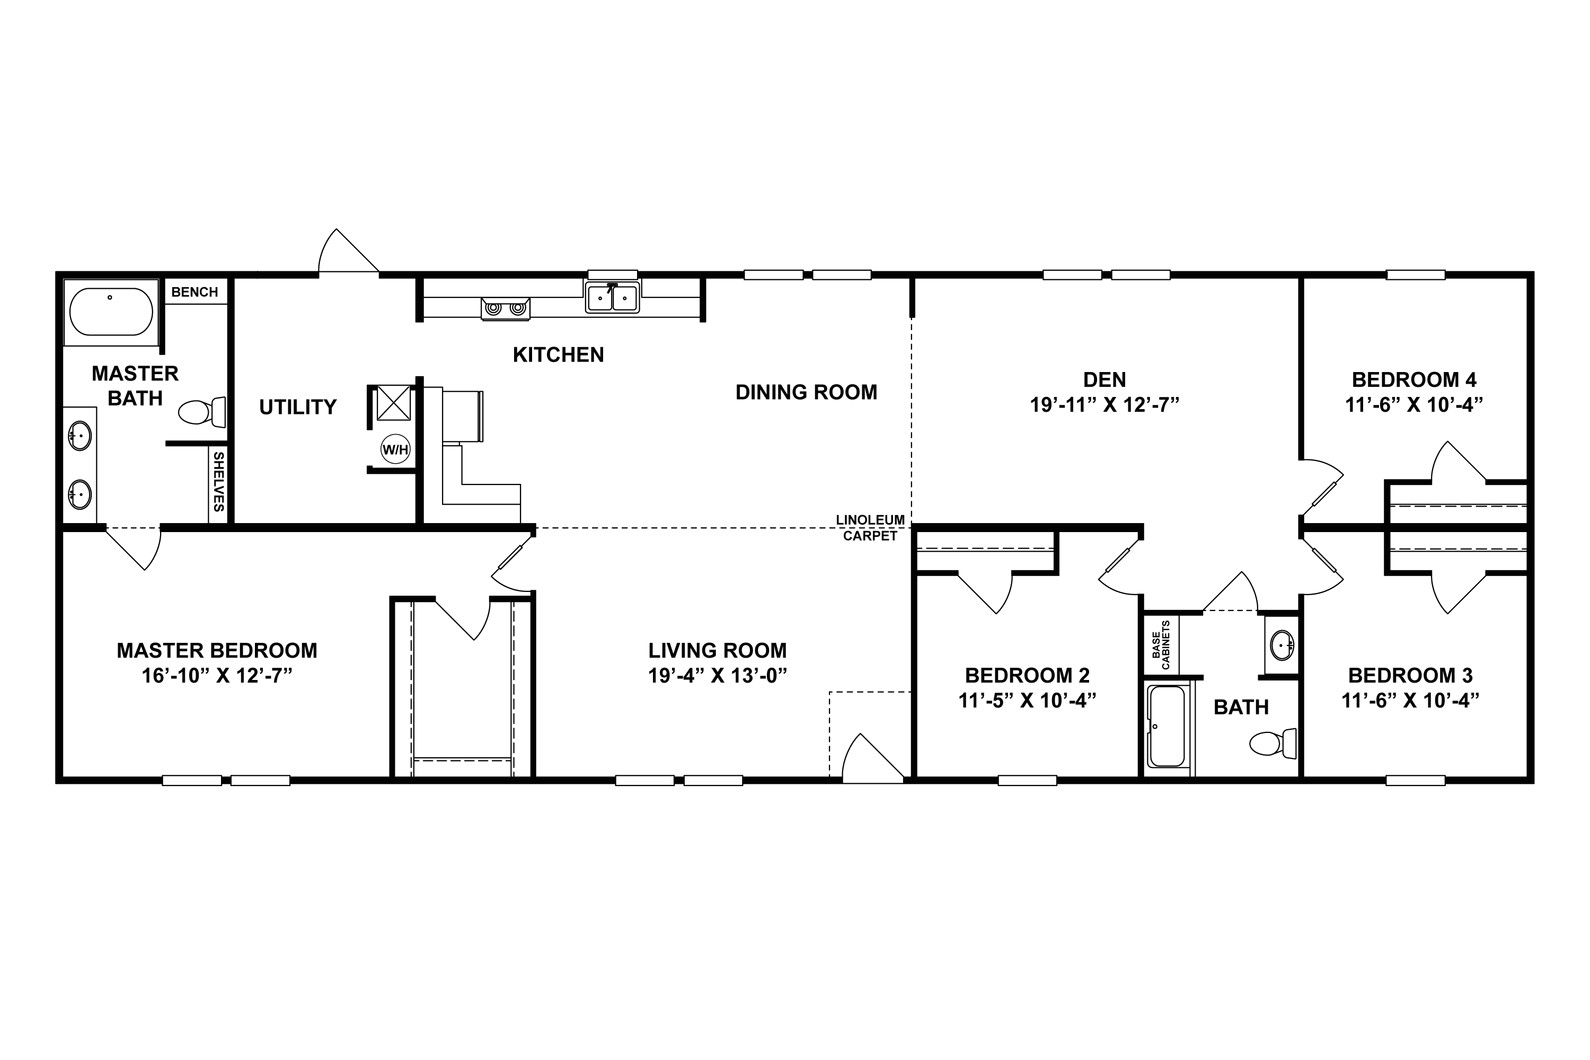 clayton homes norris floor plans